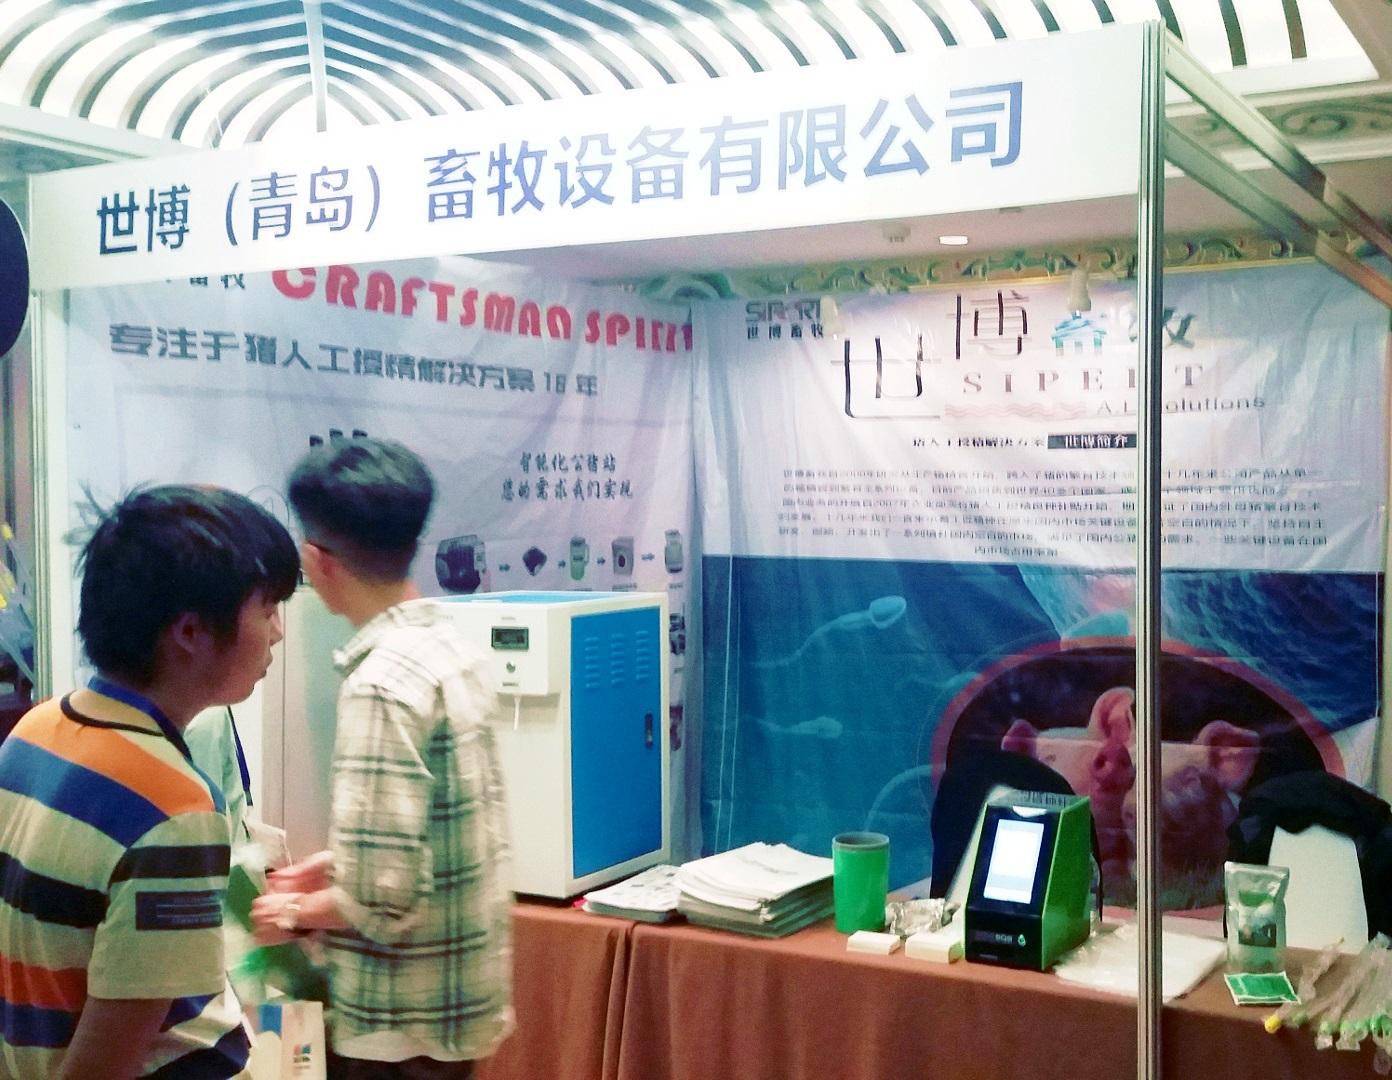 Swine Artificial Insemination China 2018 attendants